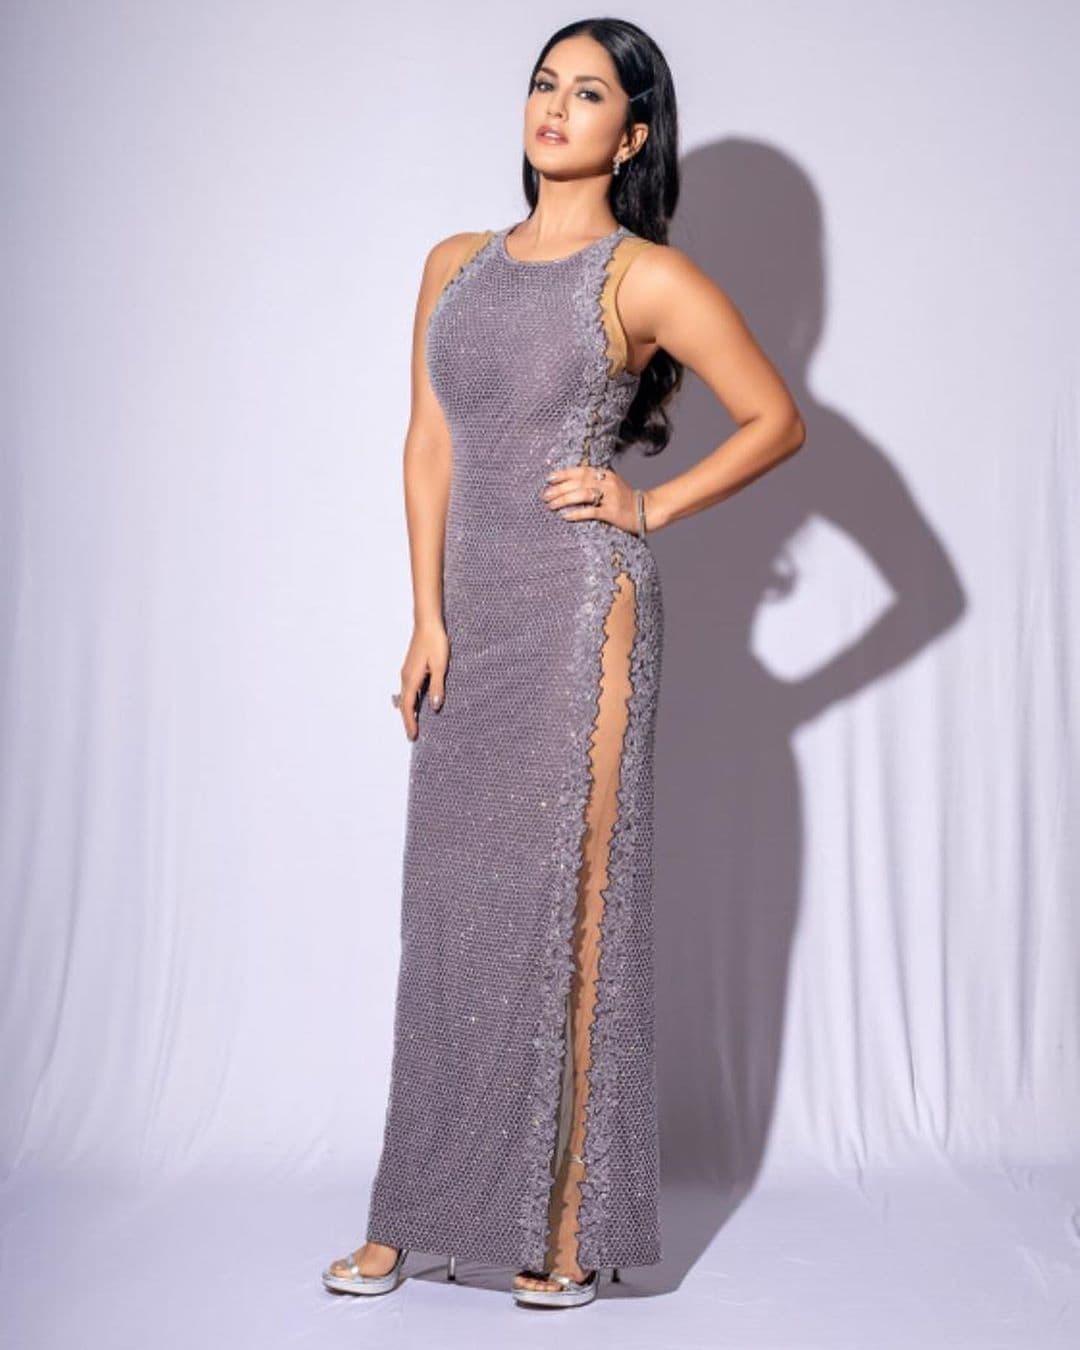 நடிகை சன்னி லியோன்